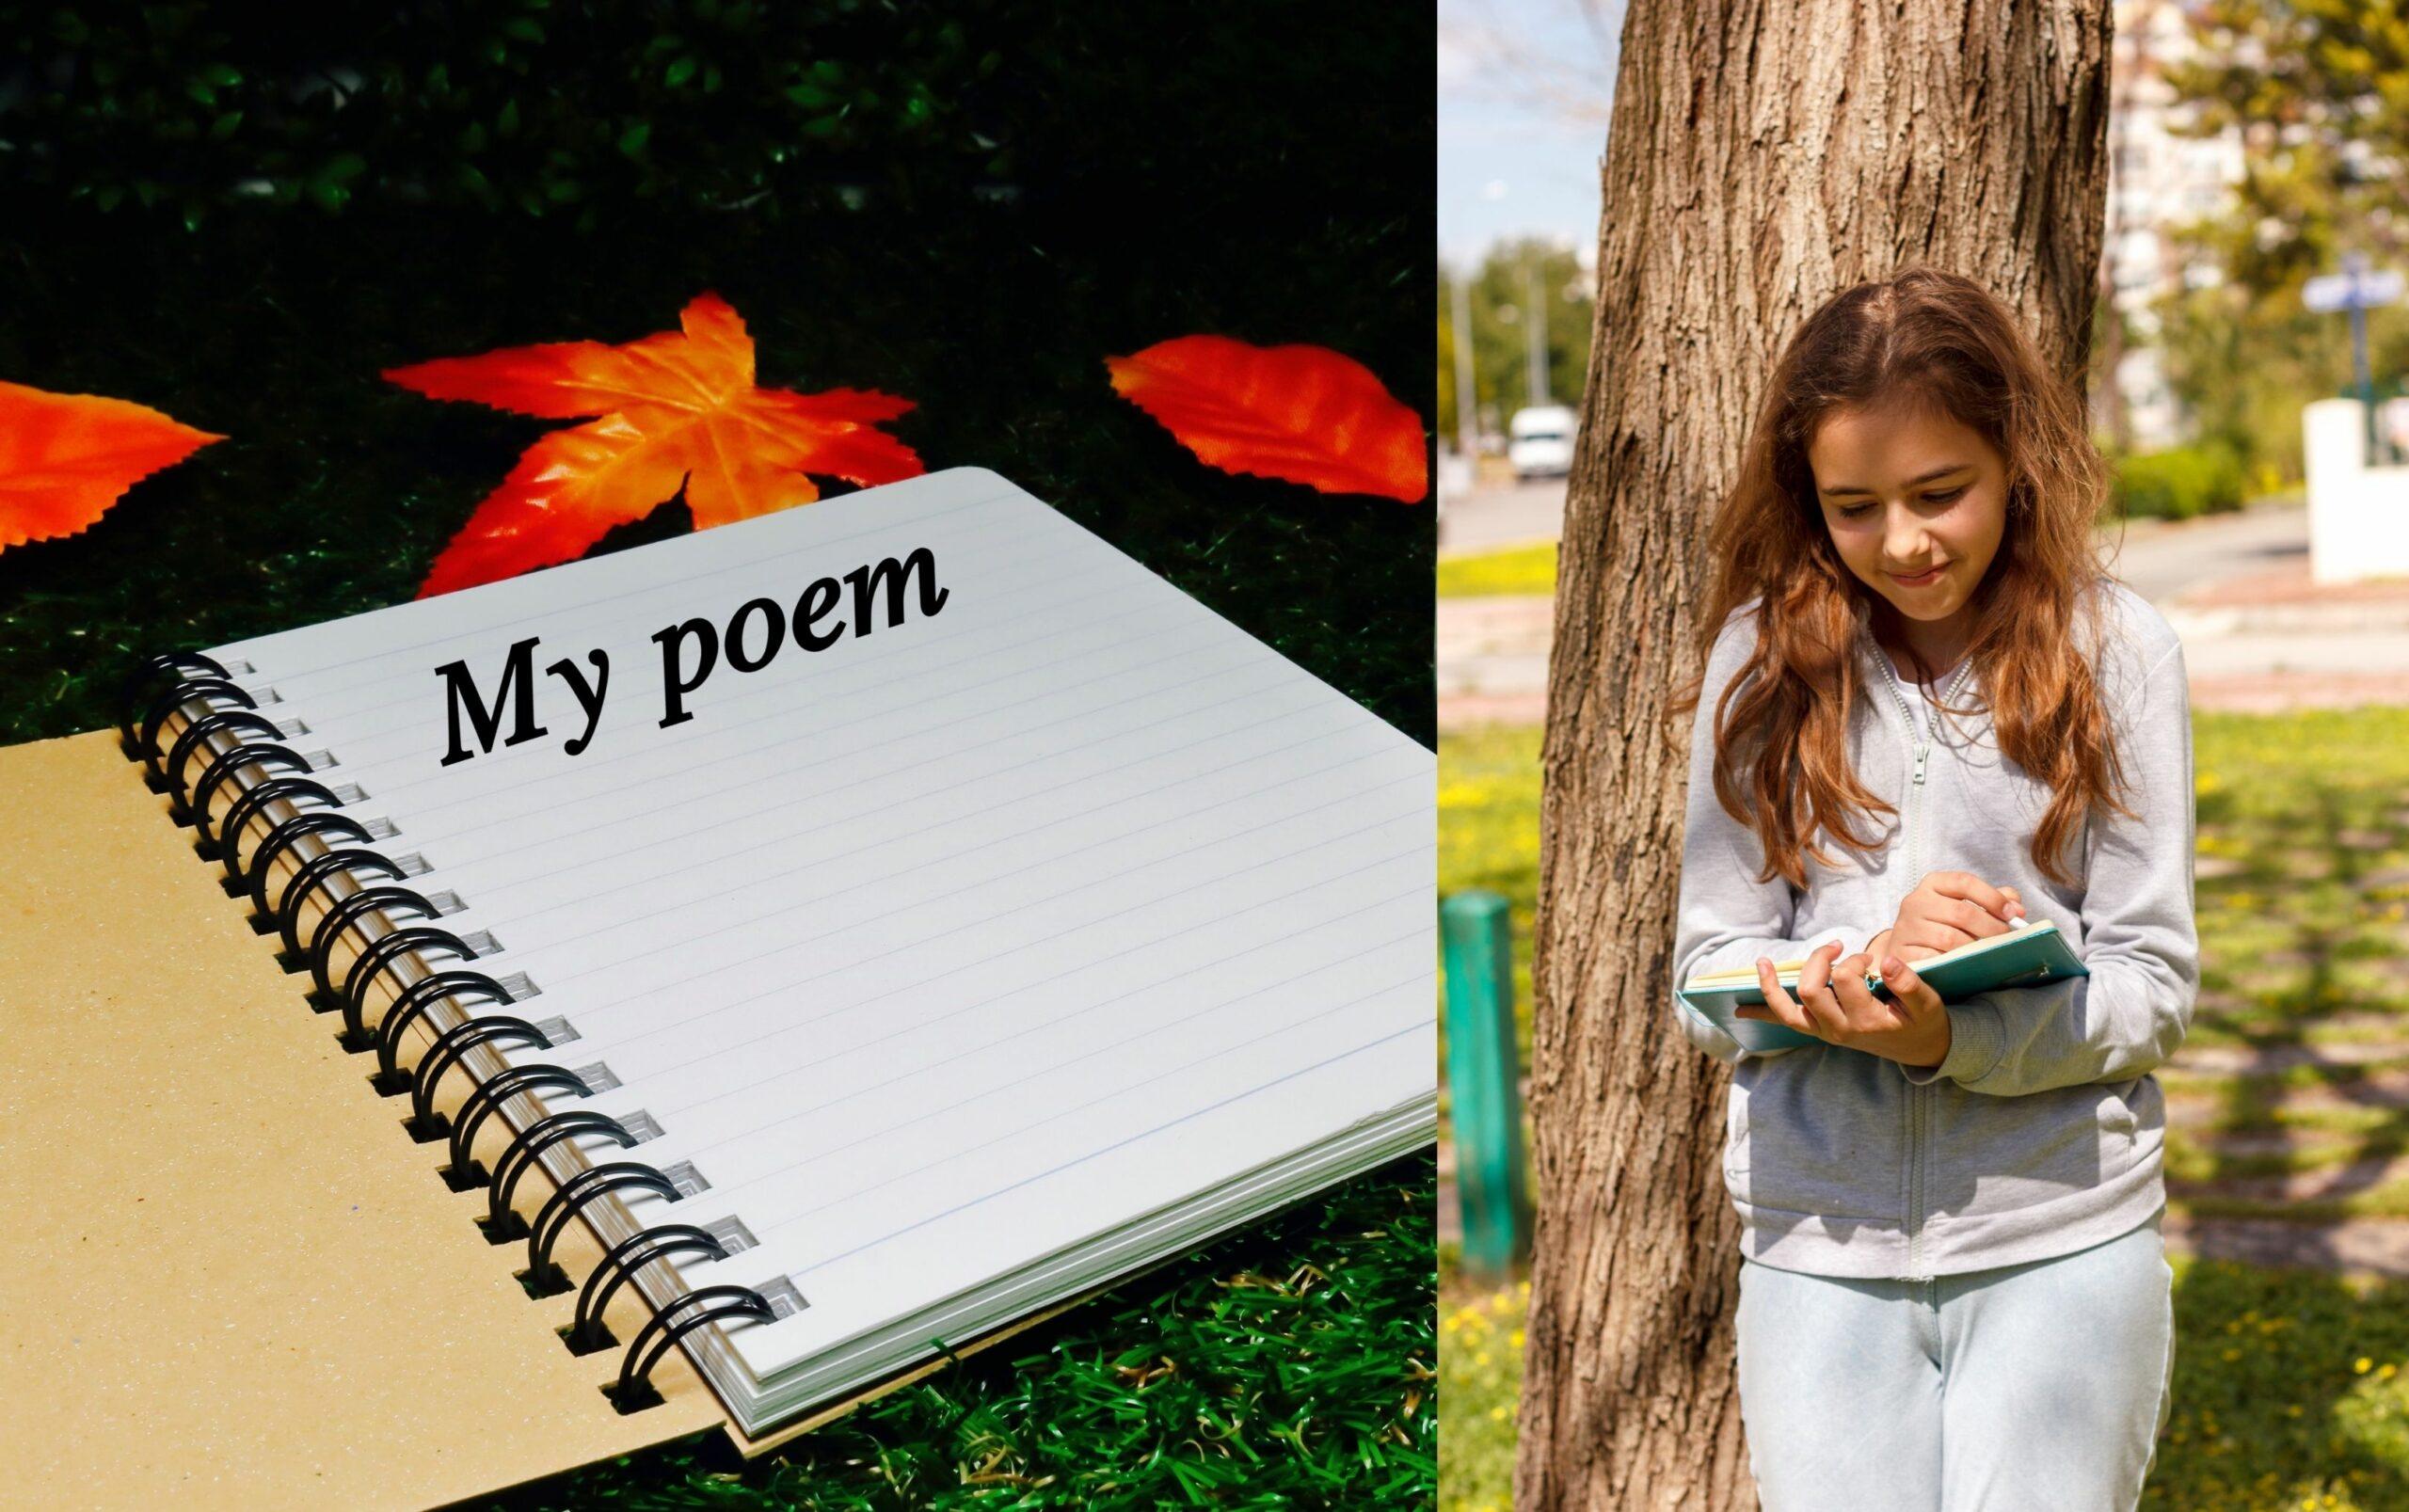 My poem child writes poem photo 1080x678